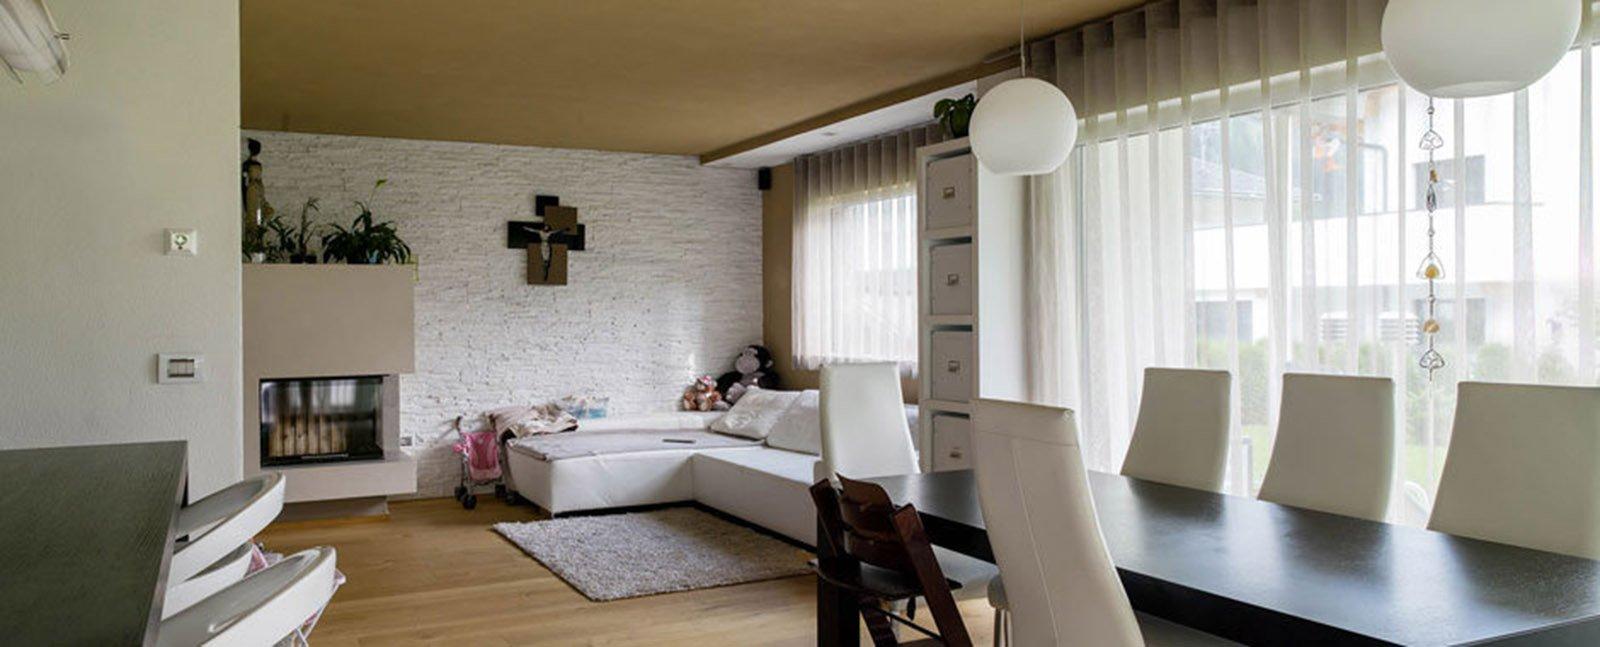 Casa bio rubner soligno int cose di casa for Interni abitazioni